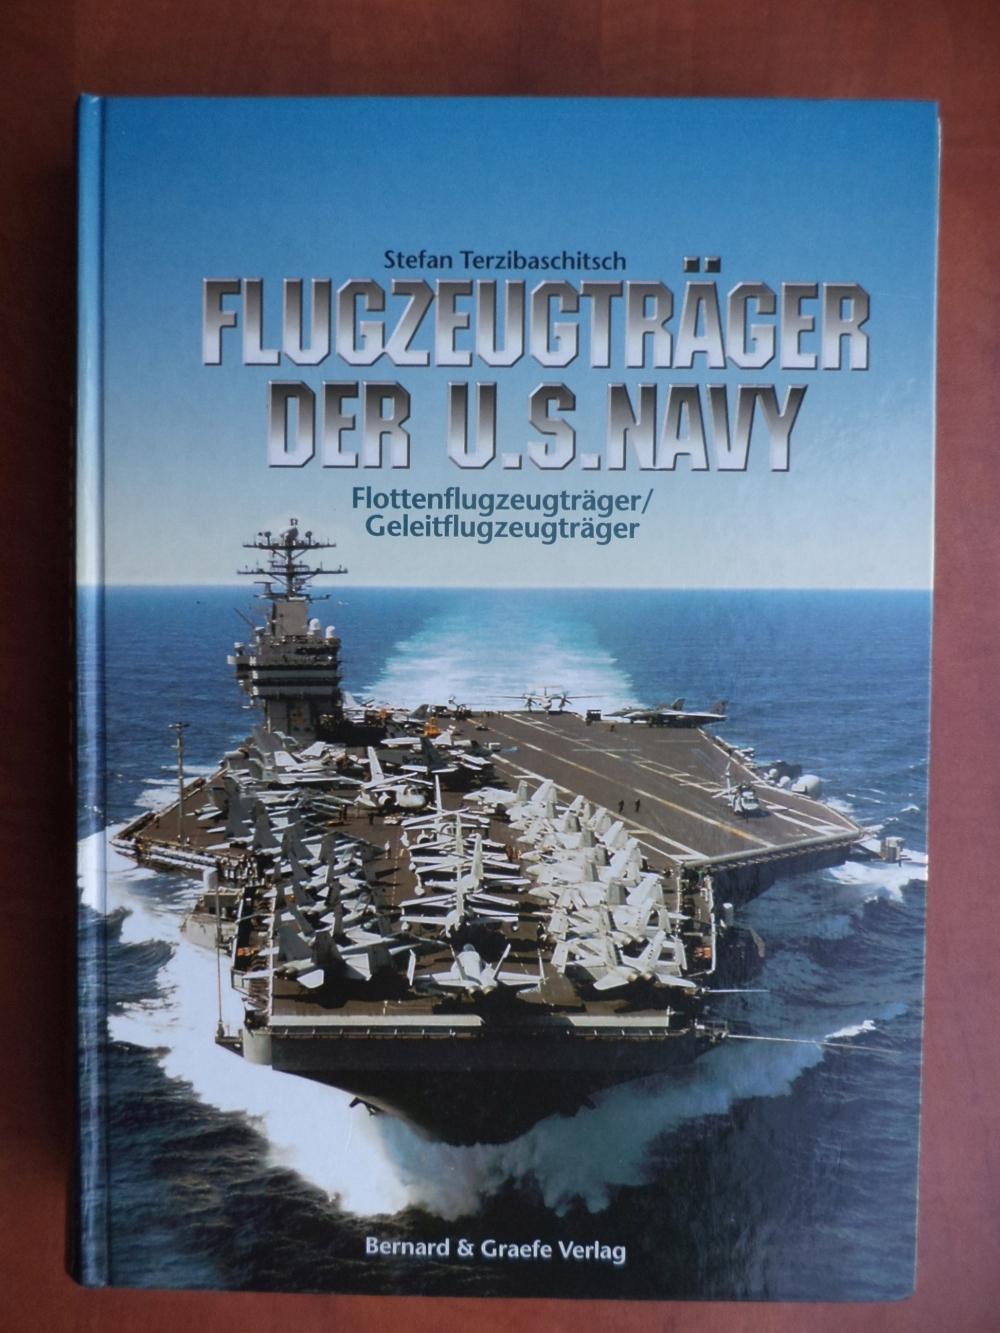 Flugzeugtrager der US Navy lotniskowce